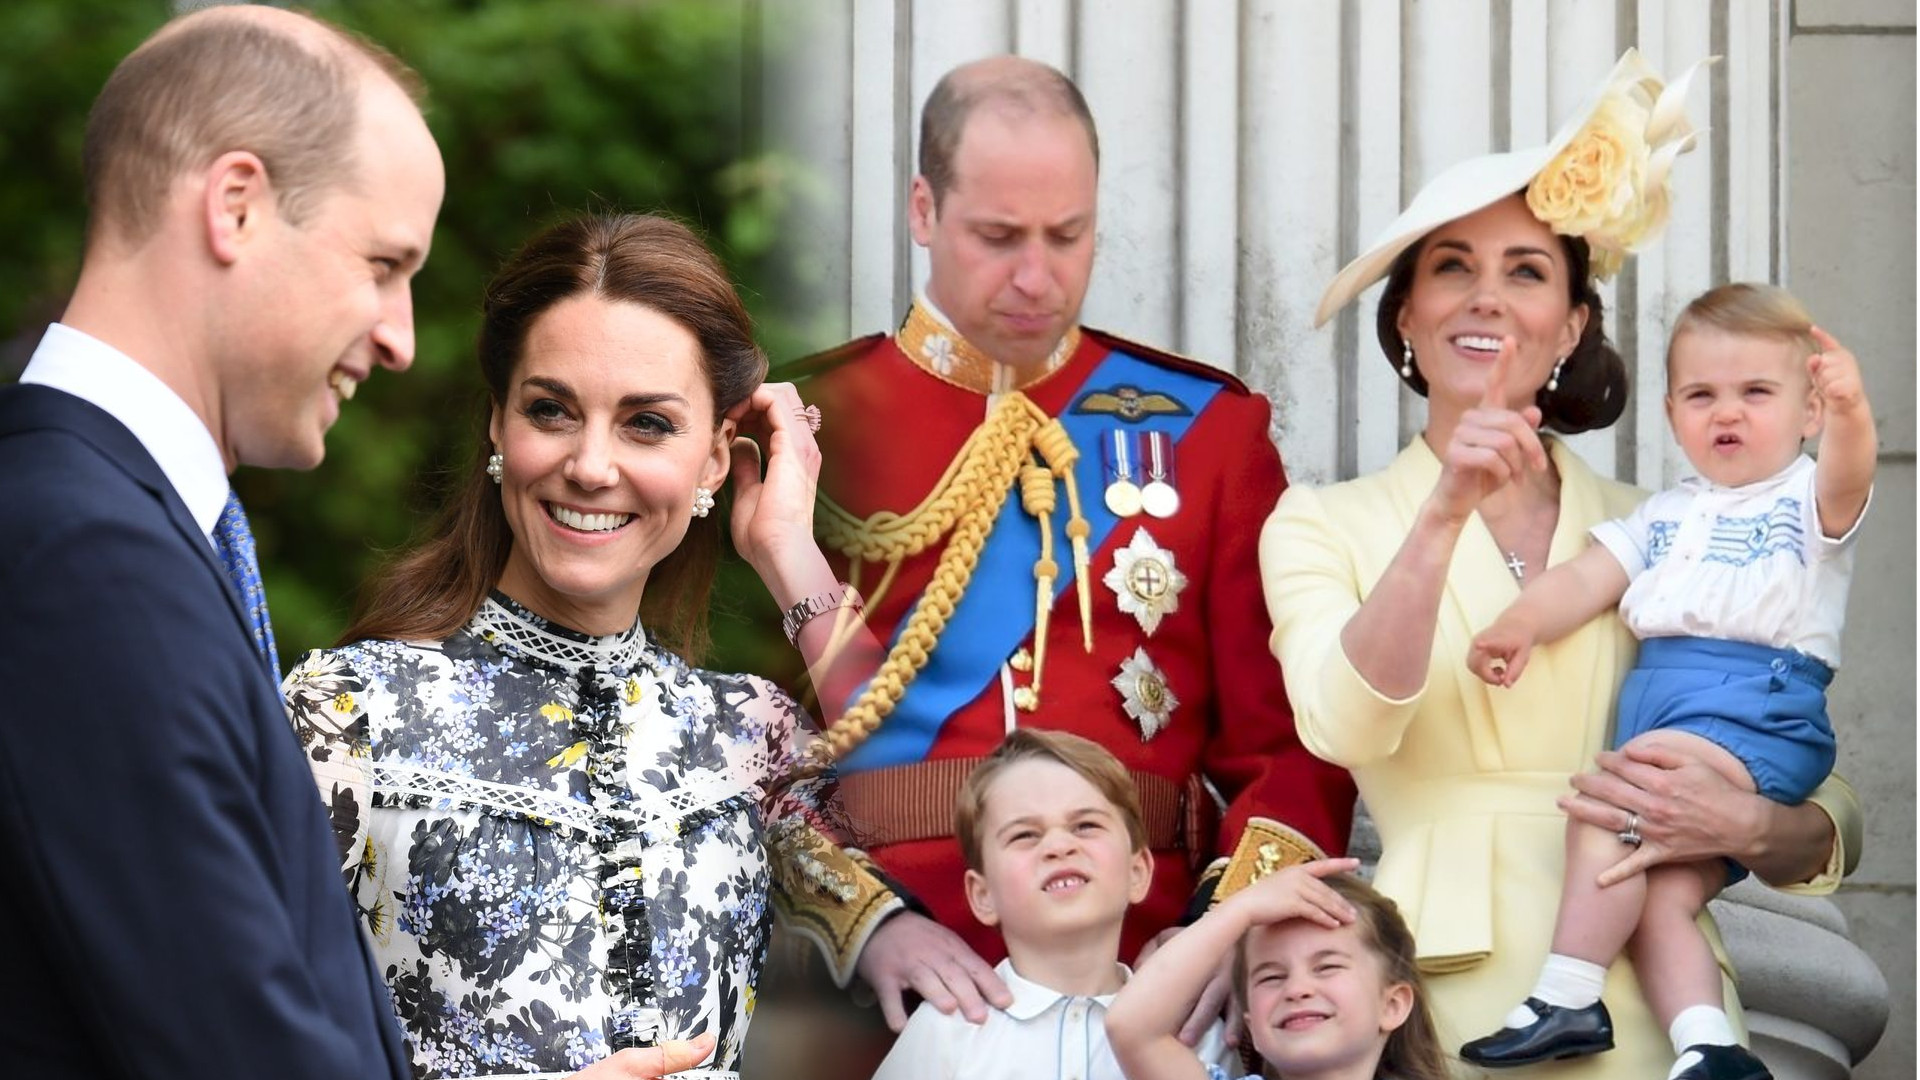 Co zrobiłby książę William, gdyby jedno z jego dzieci było gejem lub lesbijką?